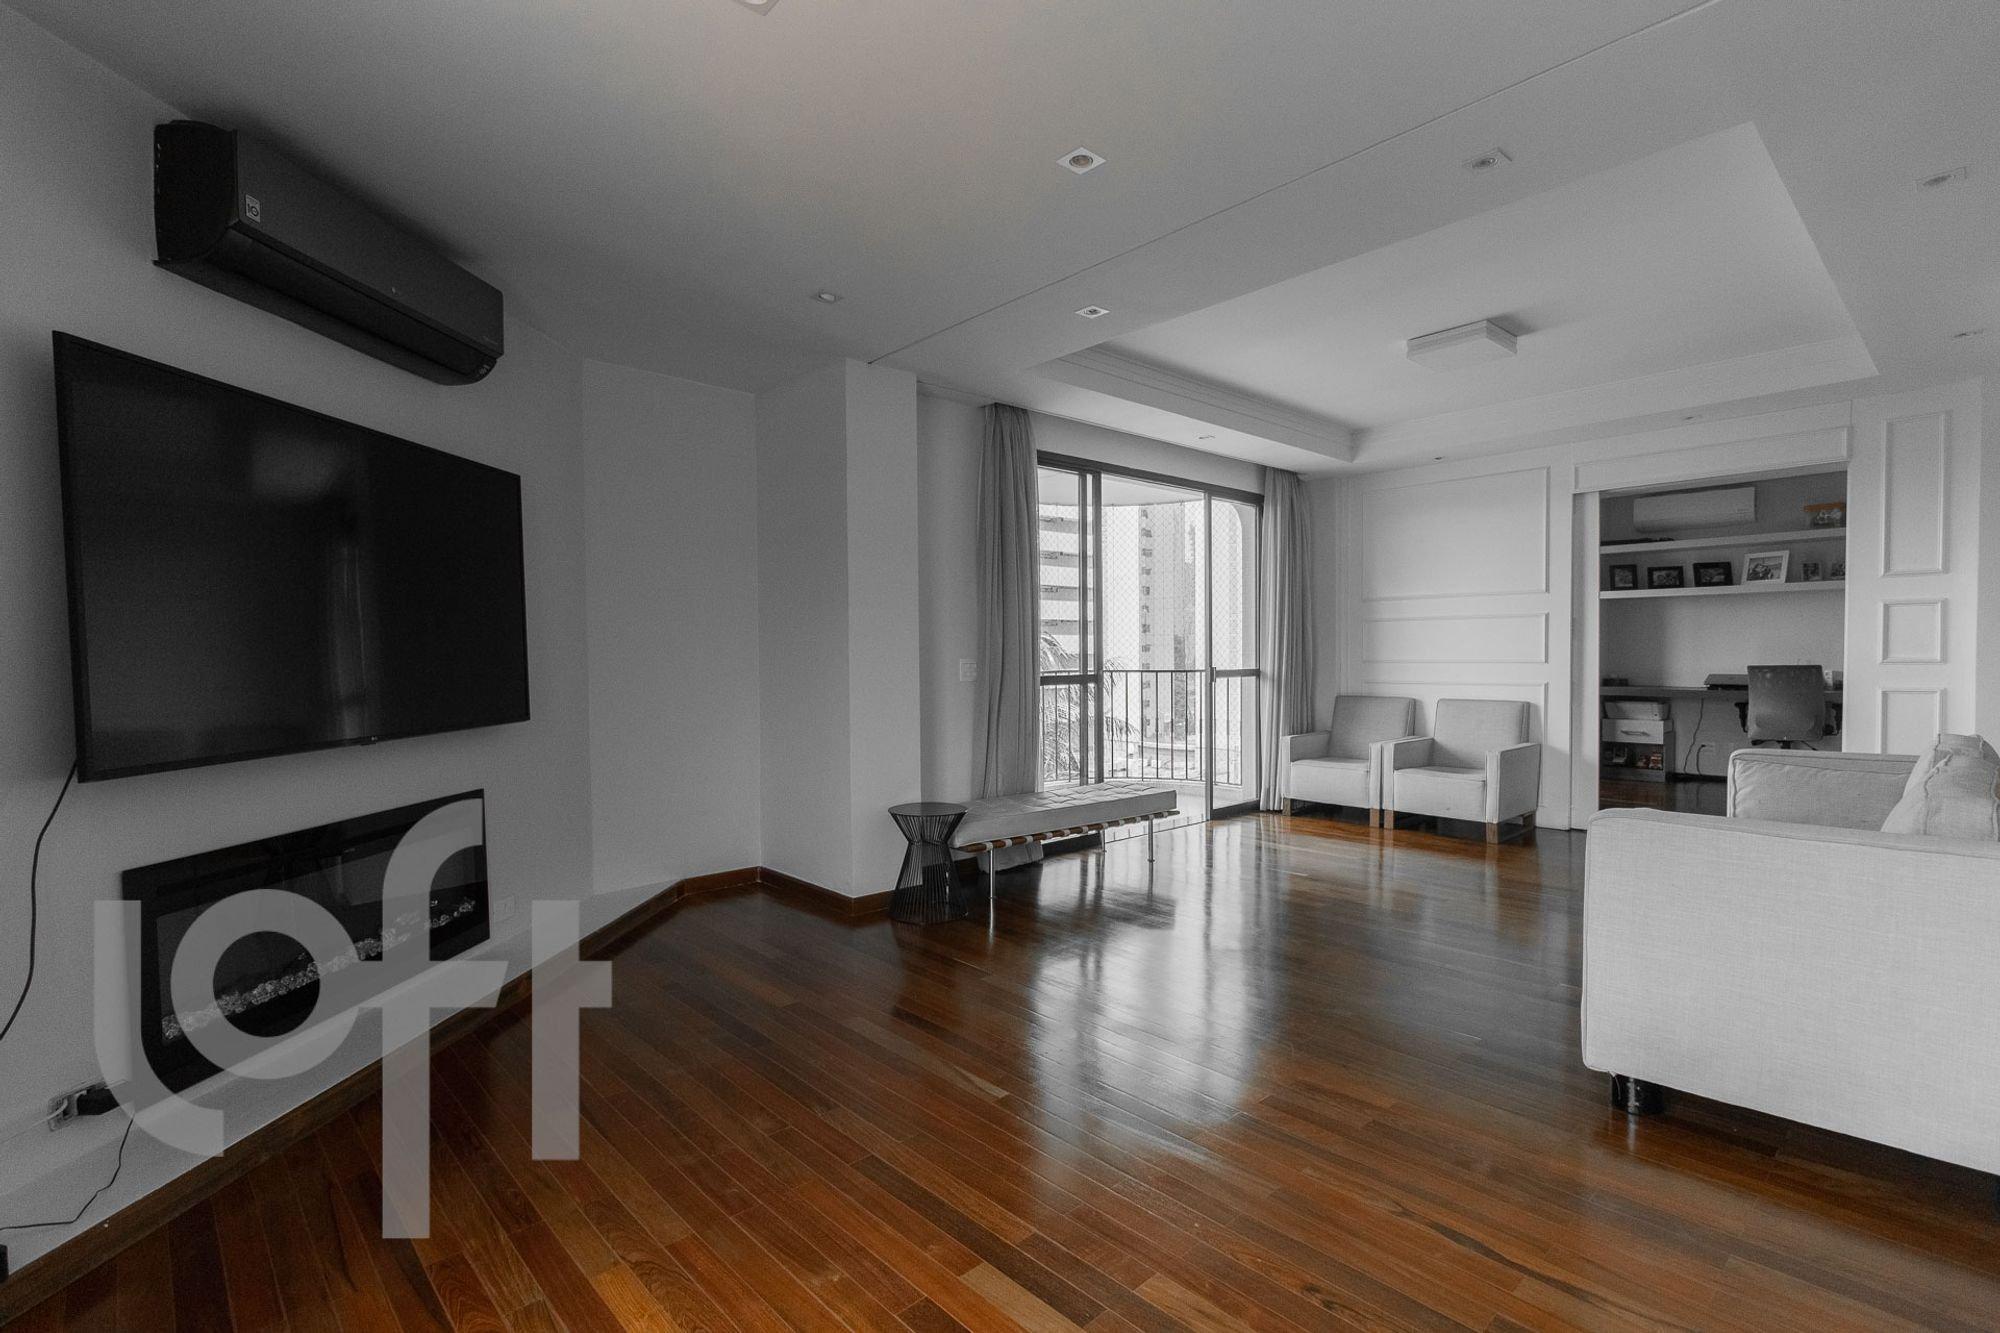 Foto de Sala com cama, sofá, televisão, banco